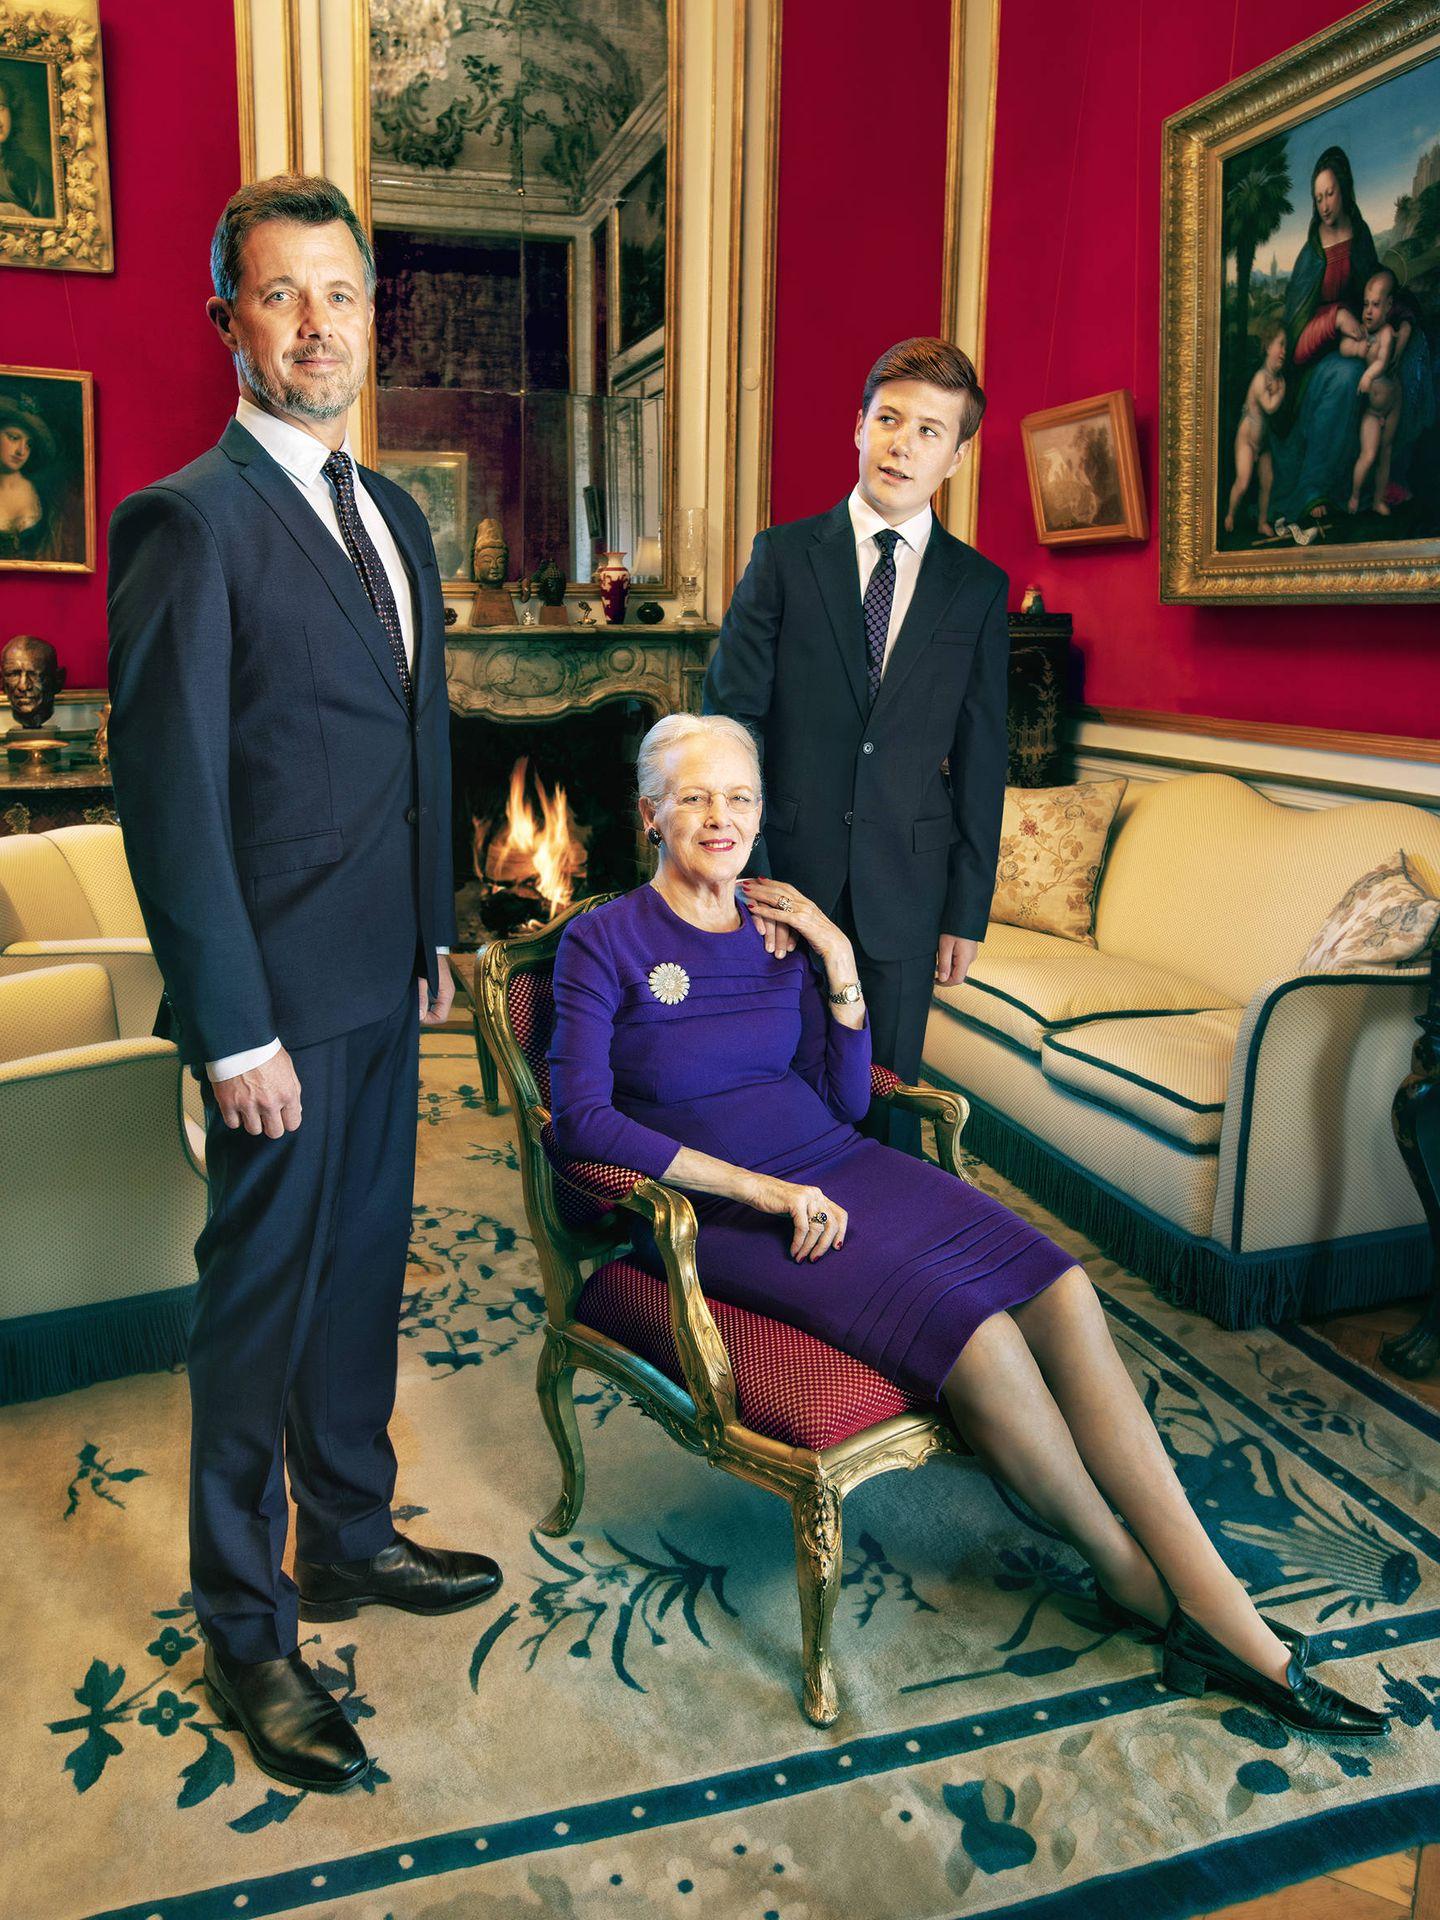 La reina Margarita junto a los príncipes Federico y Chistian. (Per Morten Abrahamsen / Casa Real de Dinamarca)